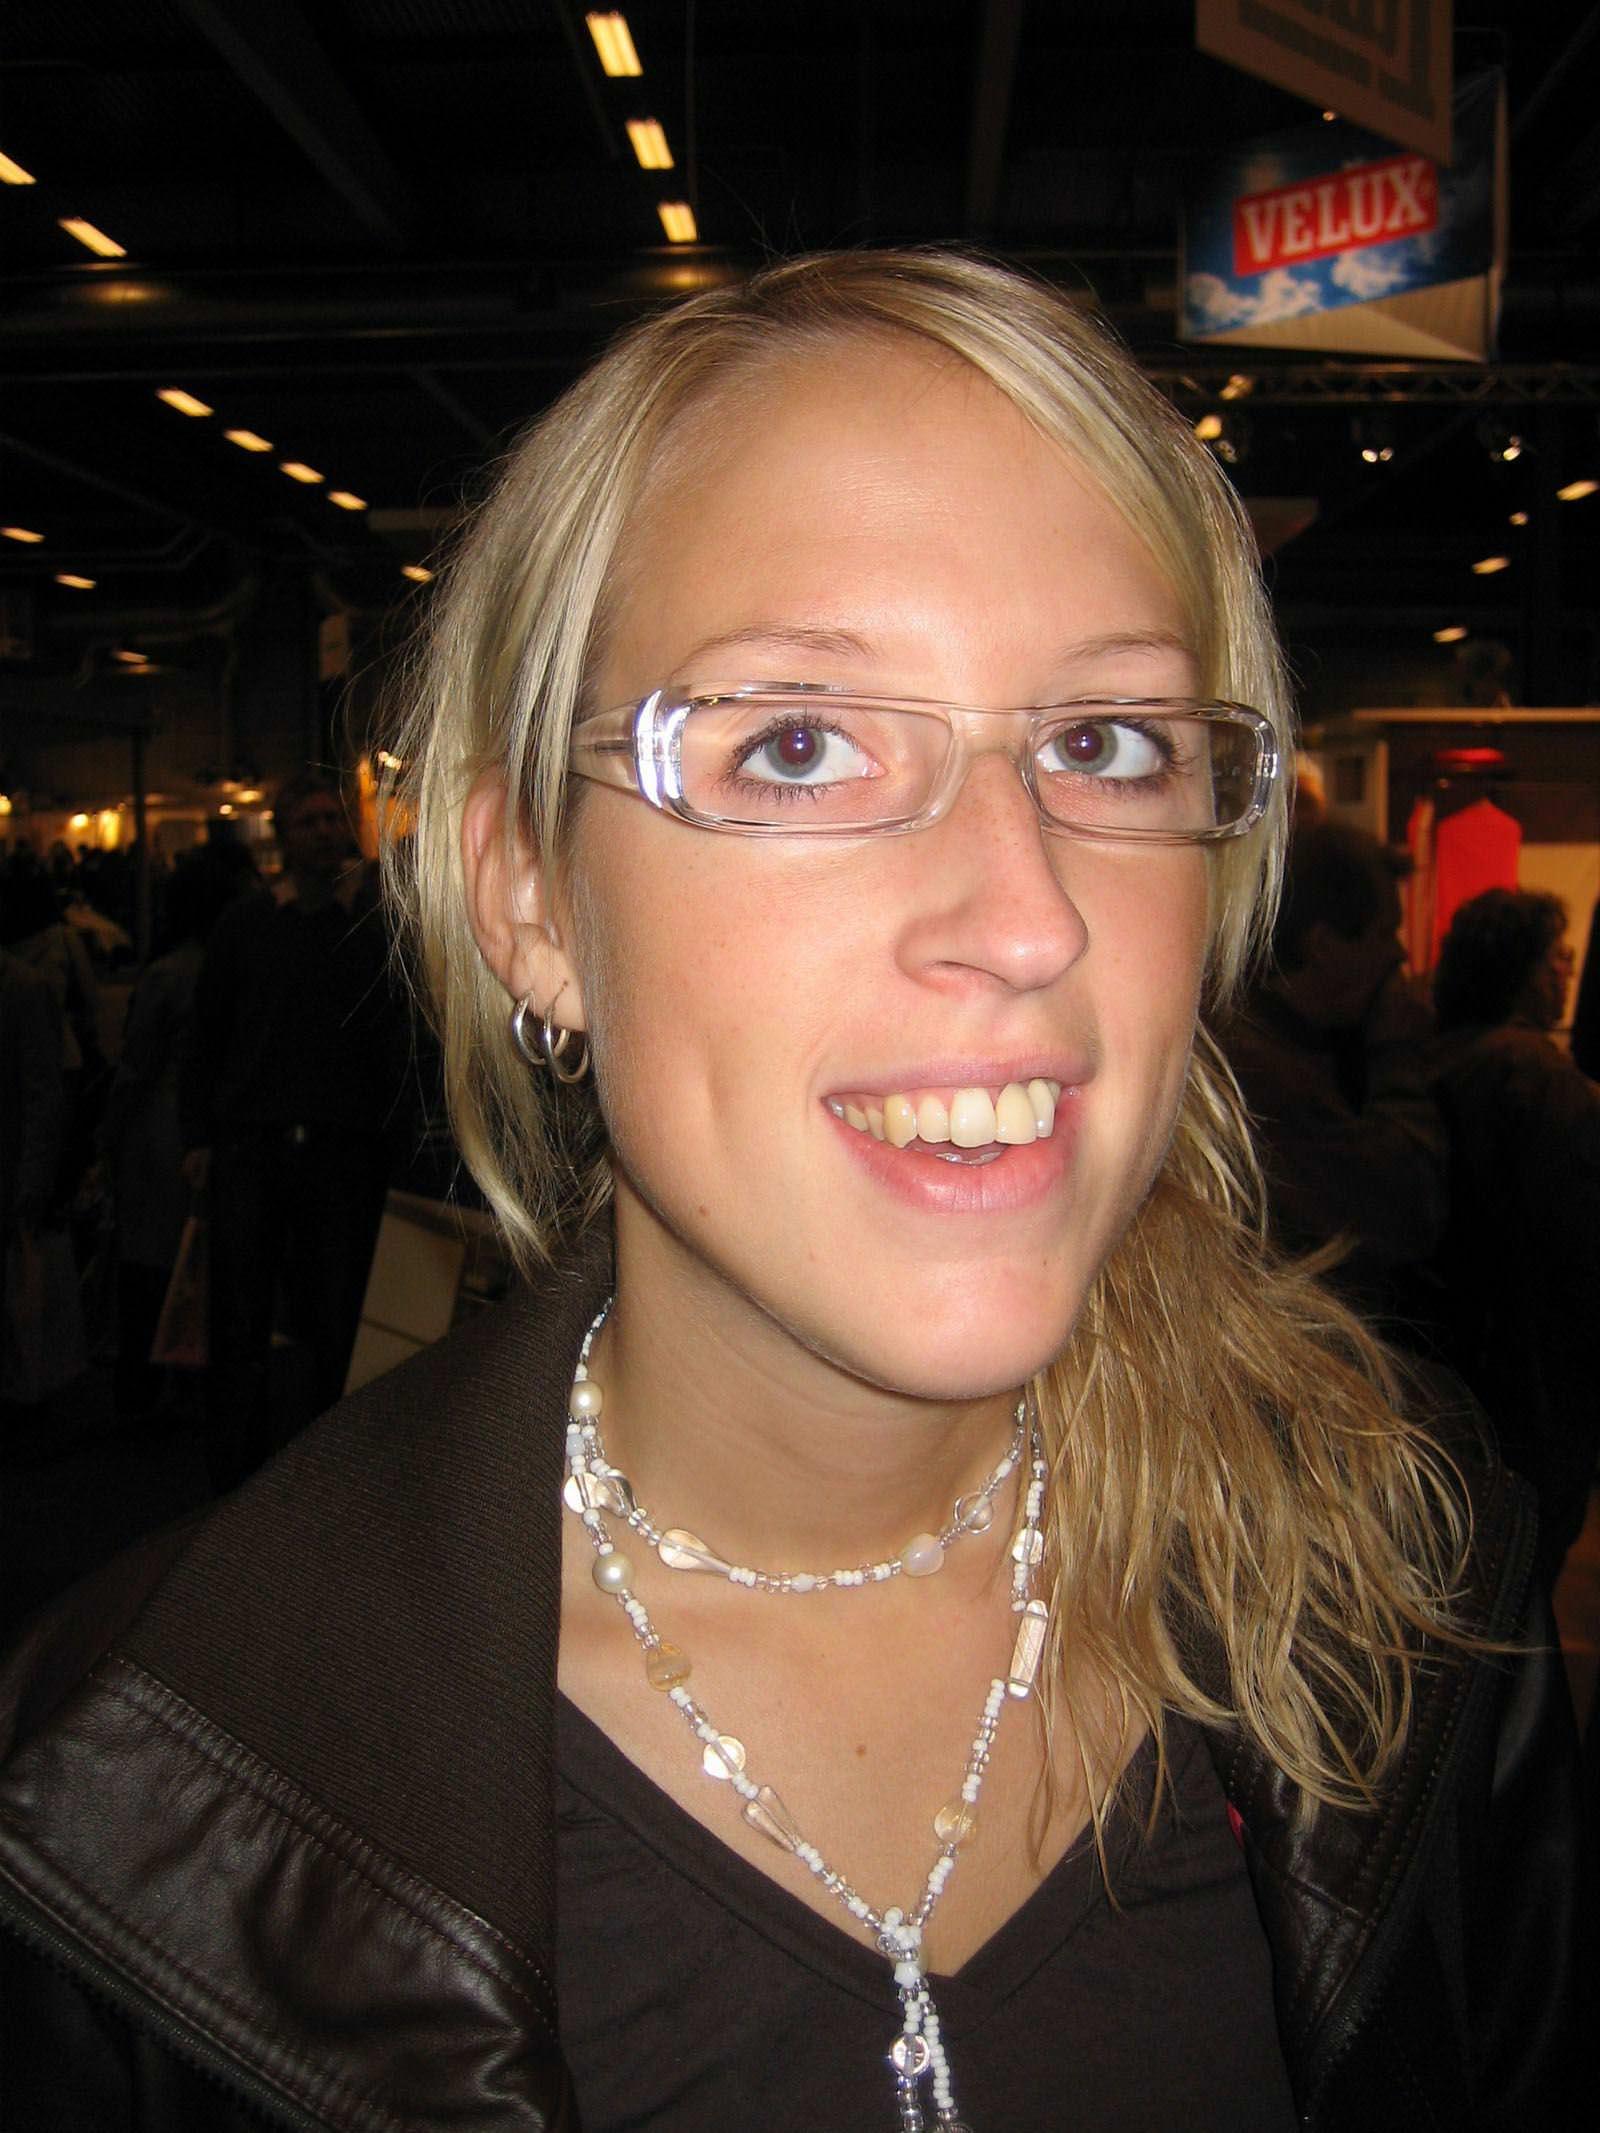 【外人】スウェーデンの金髪素人美女が彼氏とエッチして妊娠した姿を晒すポルノ画像 3023